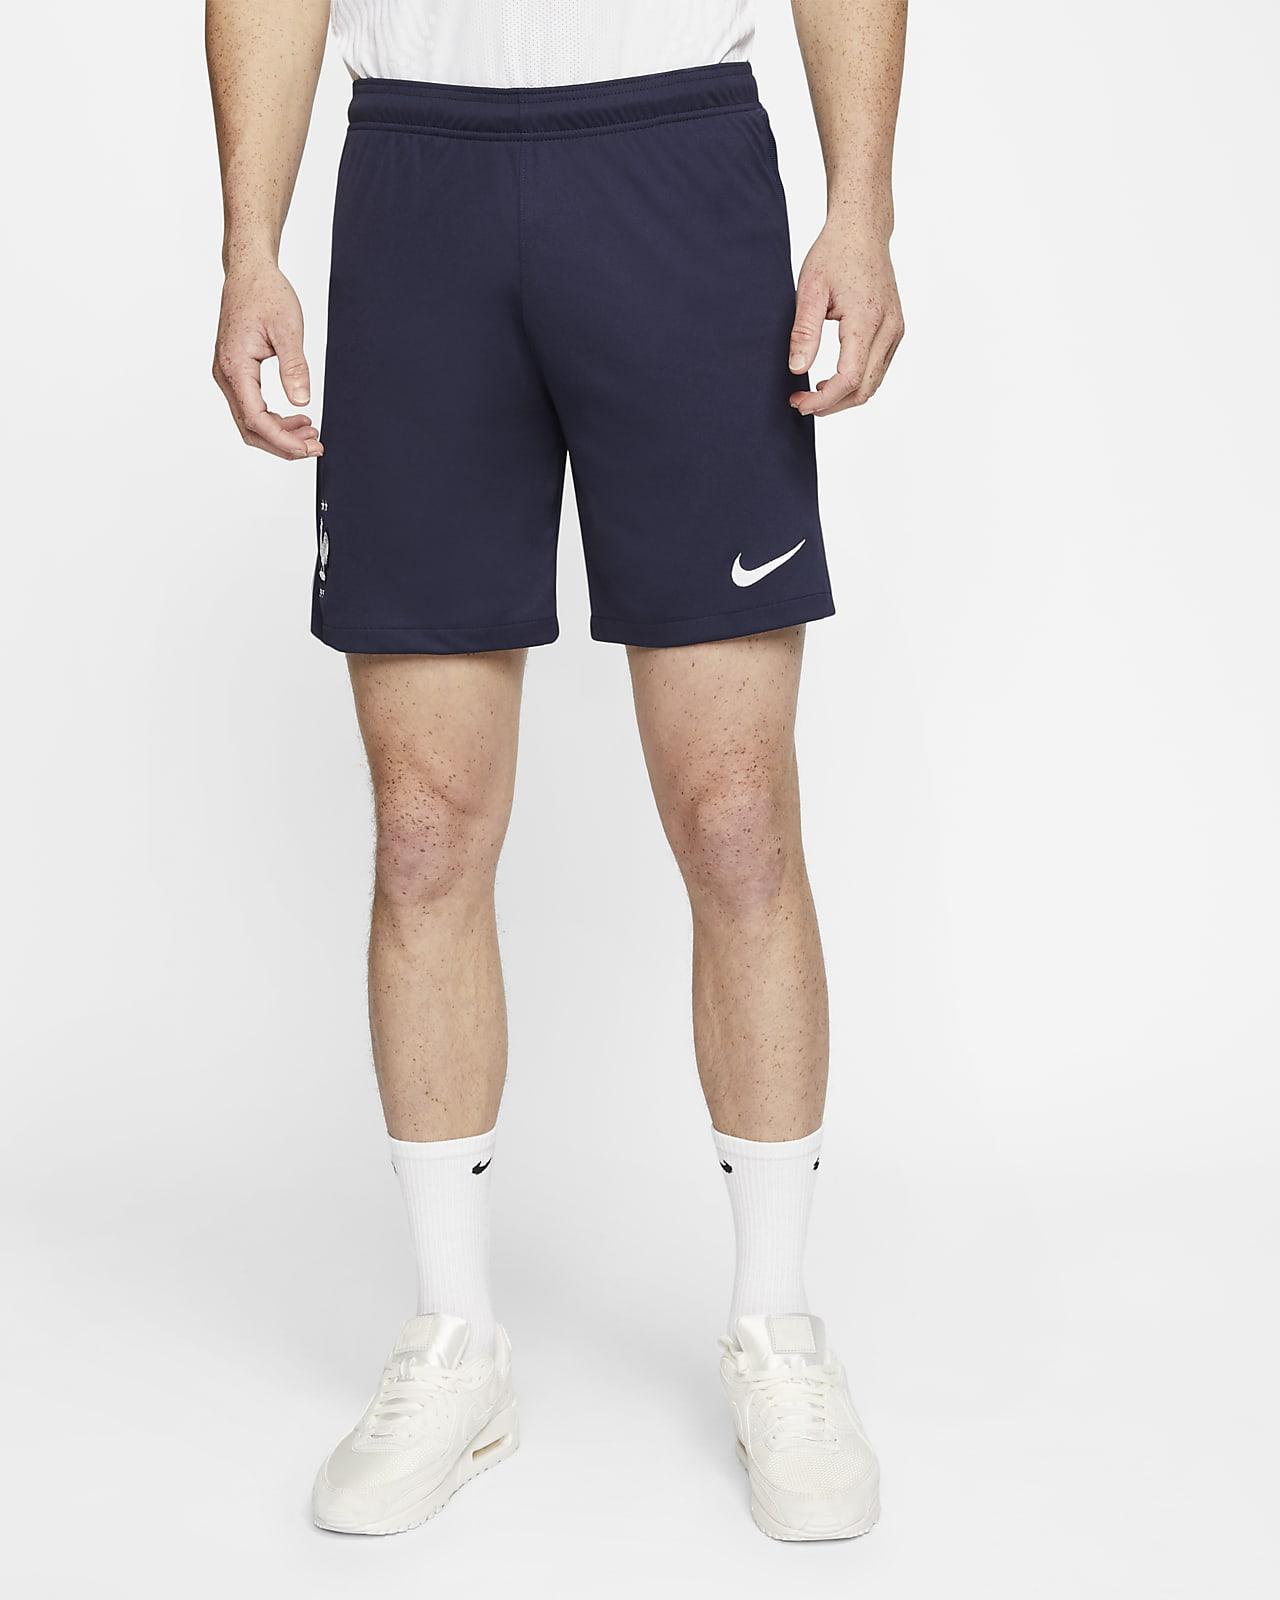 FFF 2020 Stadium Home/Away Men's Football Shorts